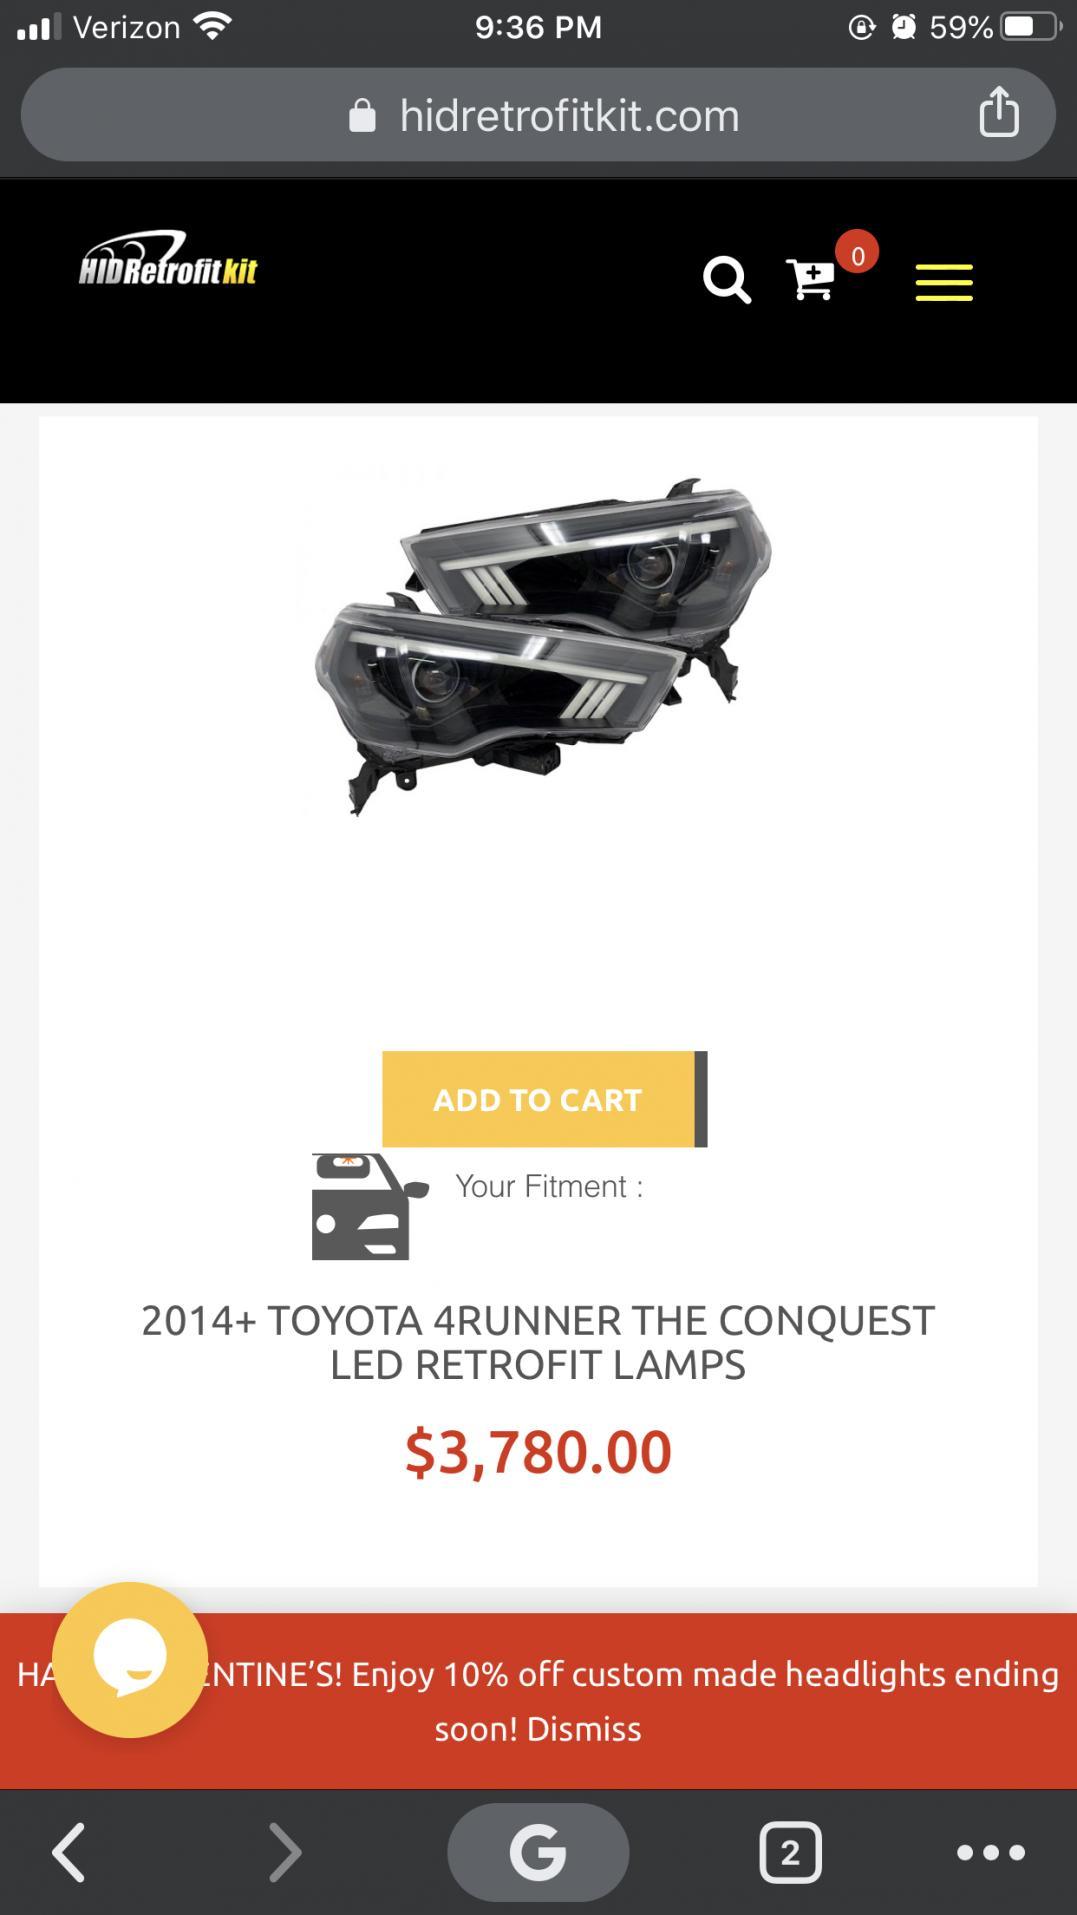 5th Gen Toyota 4Runner Led Headlights Mod-a5943275-53d0-4ced-b10c-d7671012f051-jpg